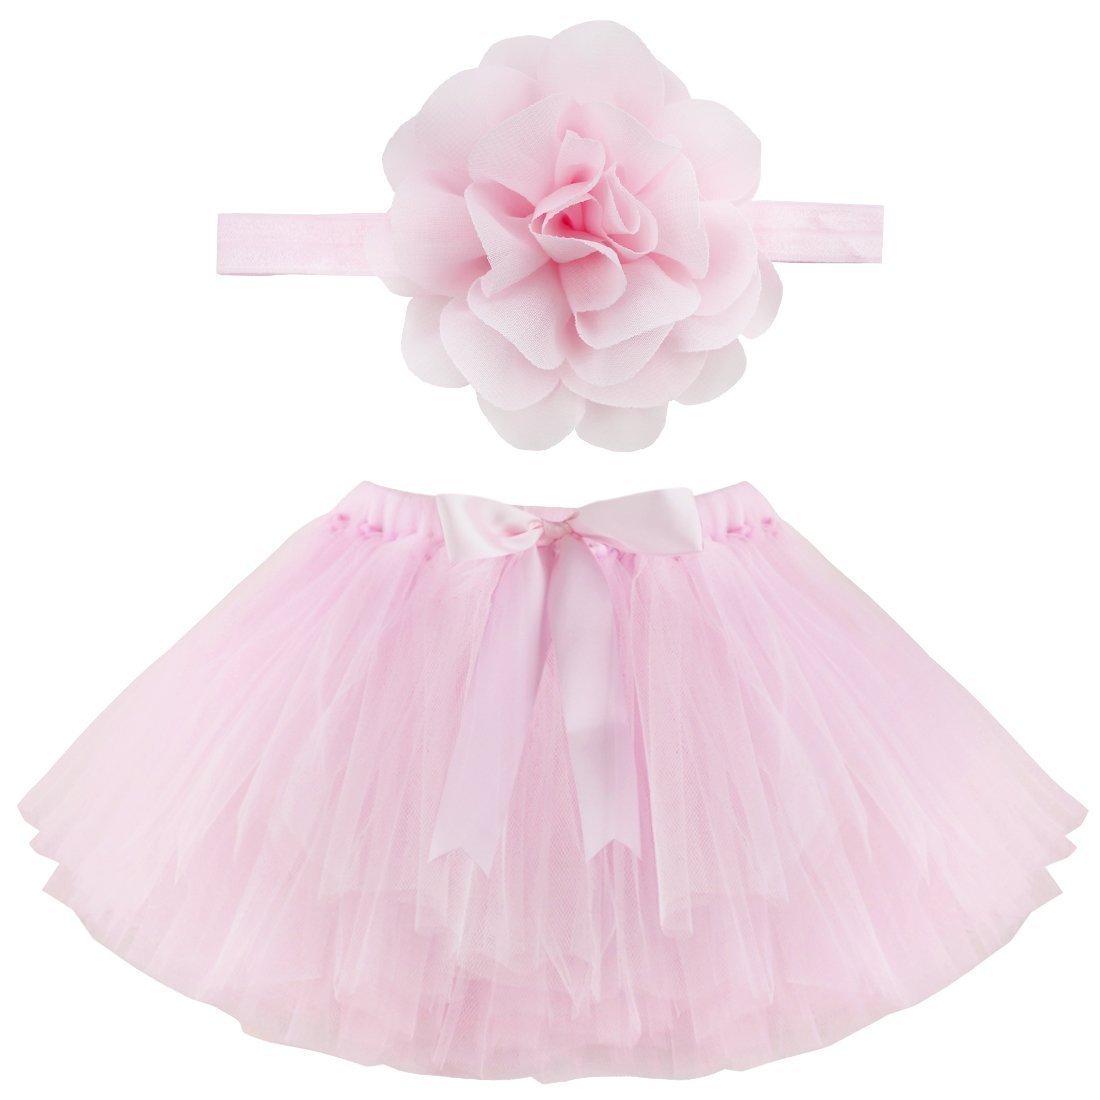 Musuntas apoyo de la fotografía del bebé, traje del bebé, foto del bebé trajes Fotografía traje de la falda del tutú de Pettiskirt de las muchachas venda de la flor (rosa) MU006